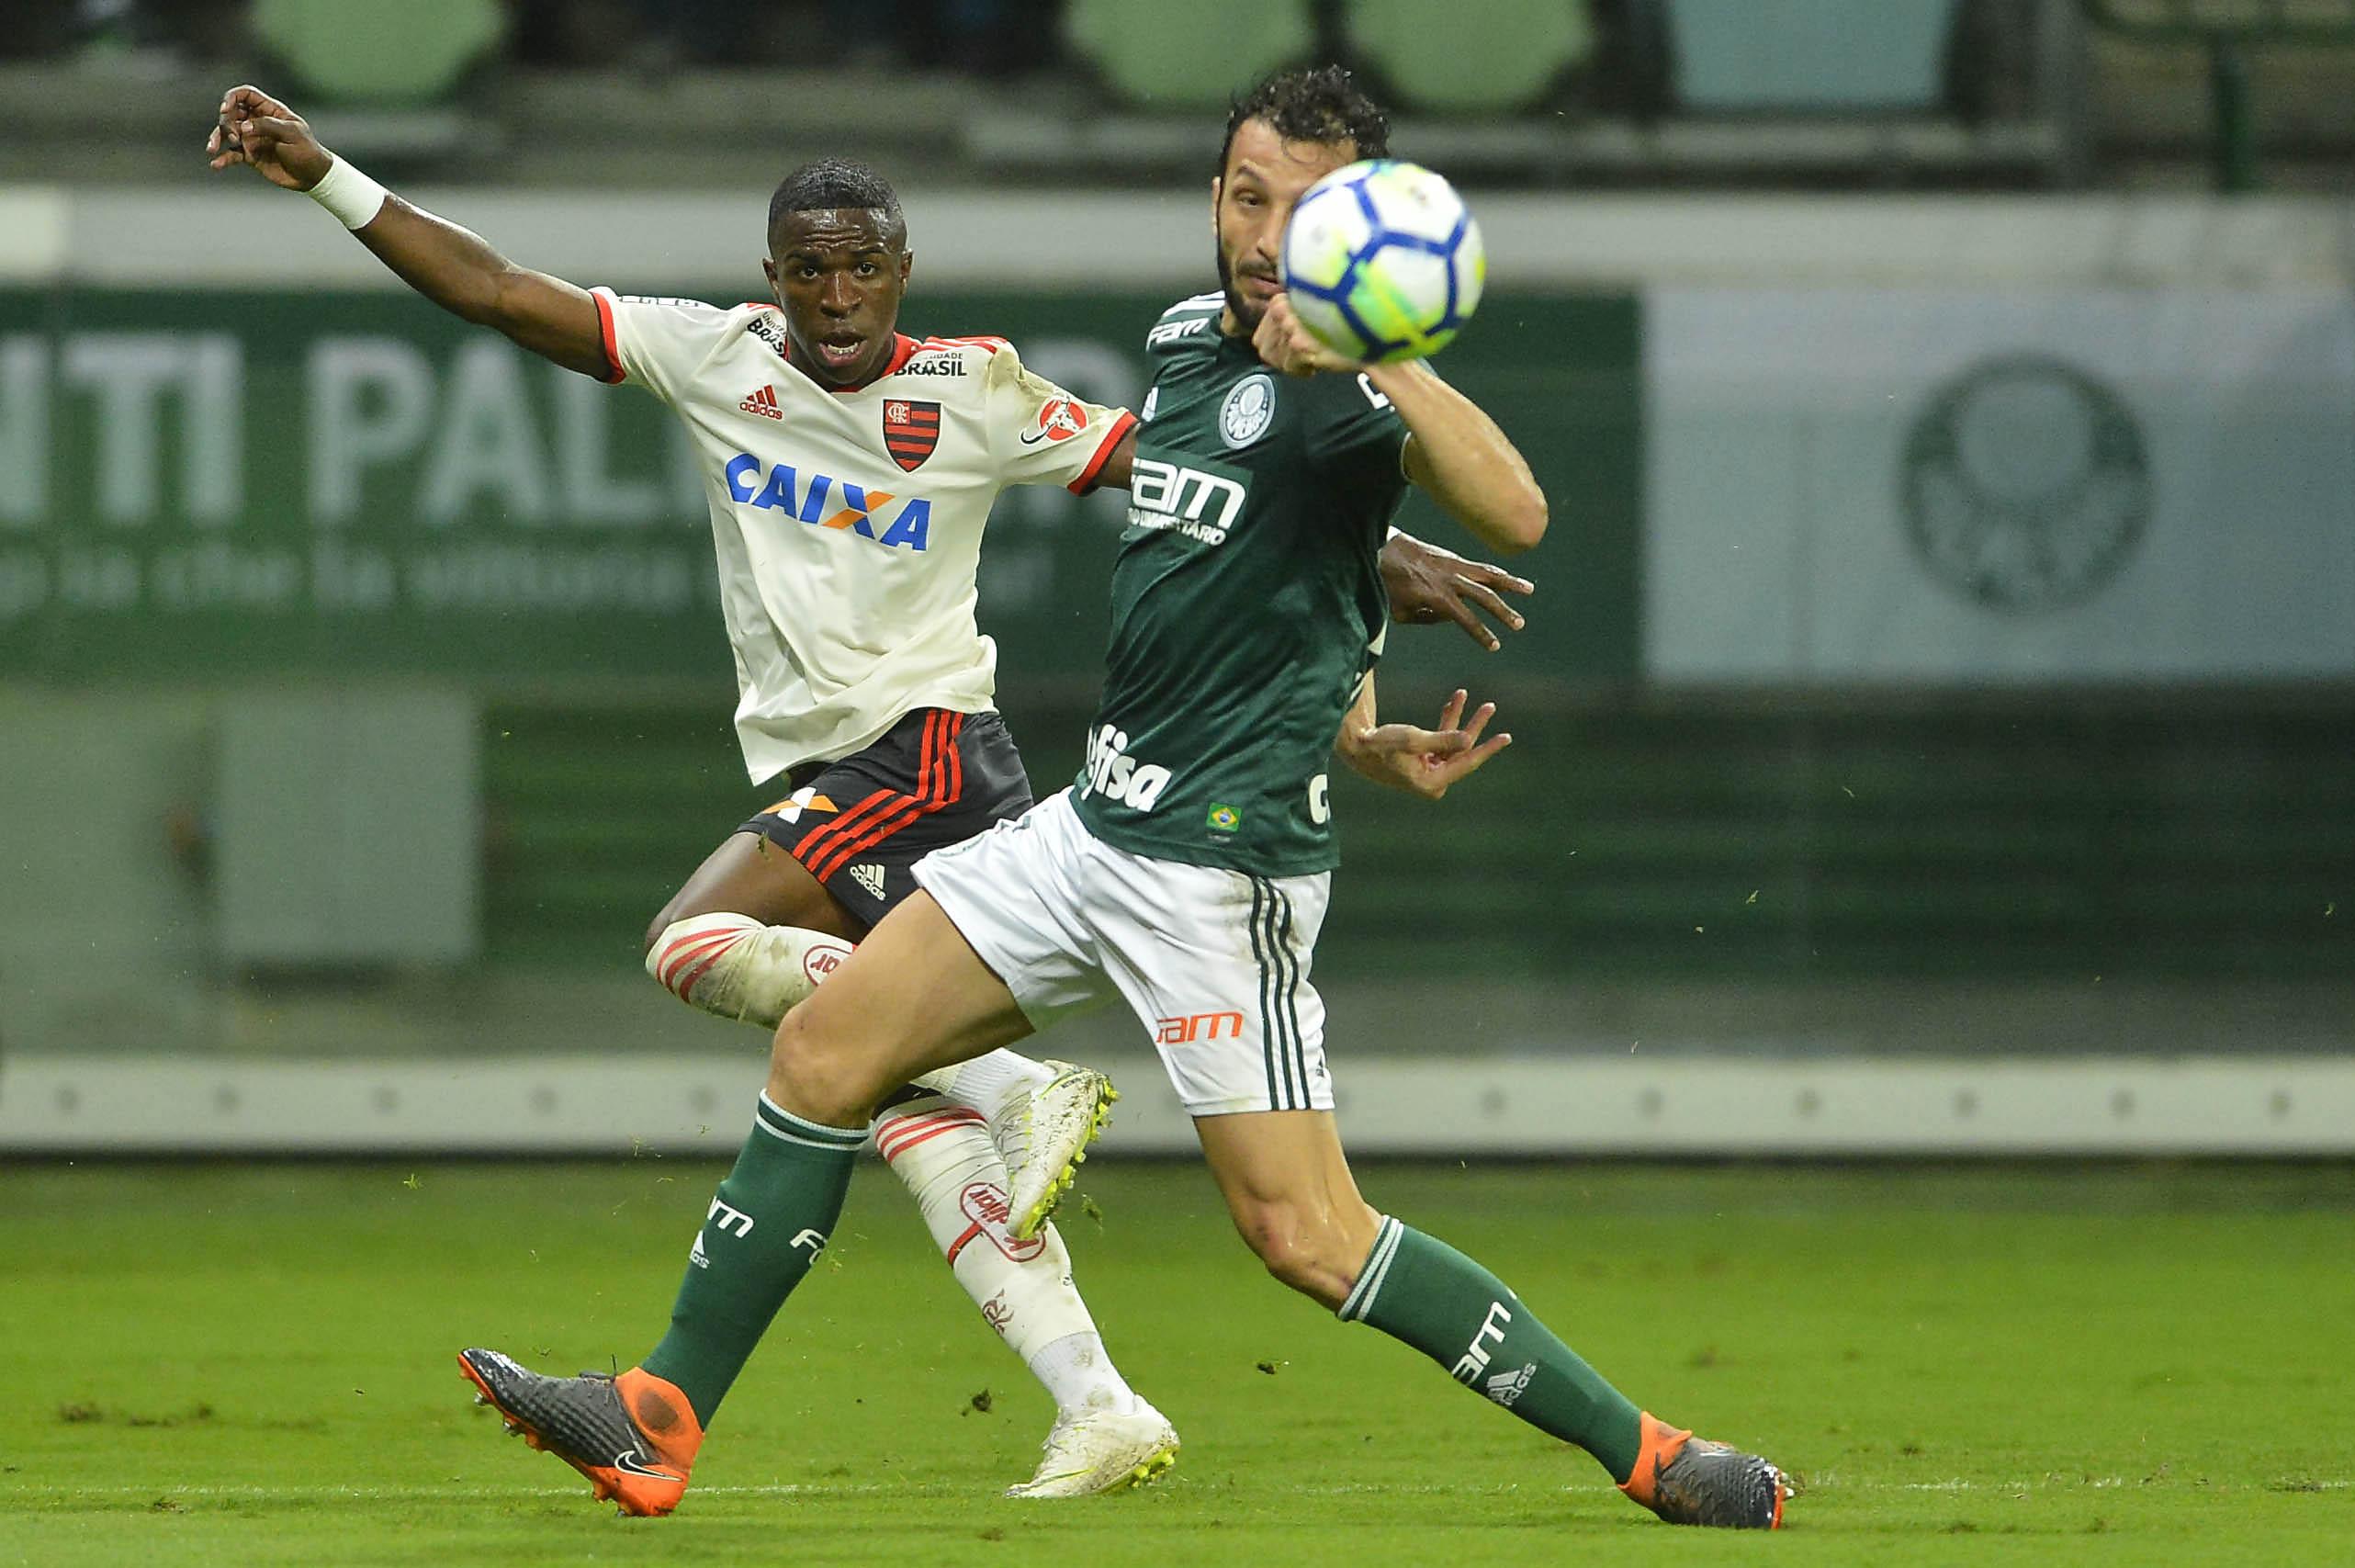 Palmeiras e Flamengo empataram em um a um em jogo quente